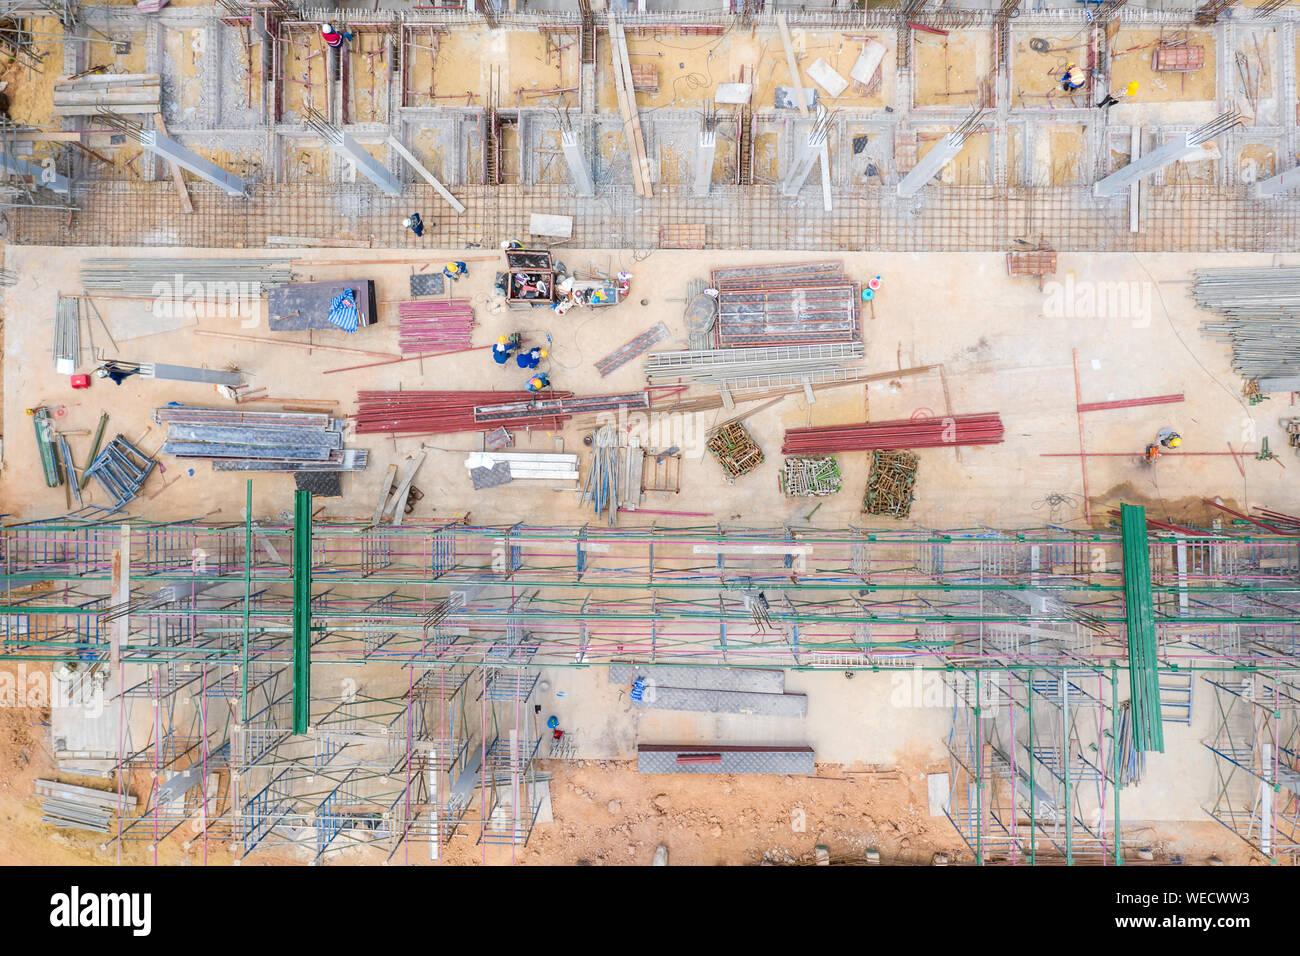 Vue aérienne d'un groupe de travailleur de la construction des capacités en chantier de construction. Banque D'Images